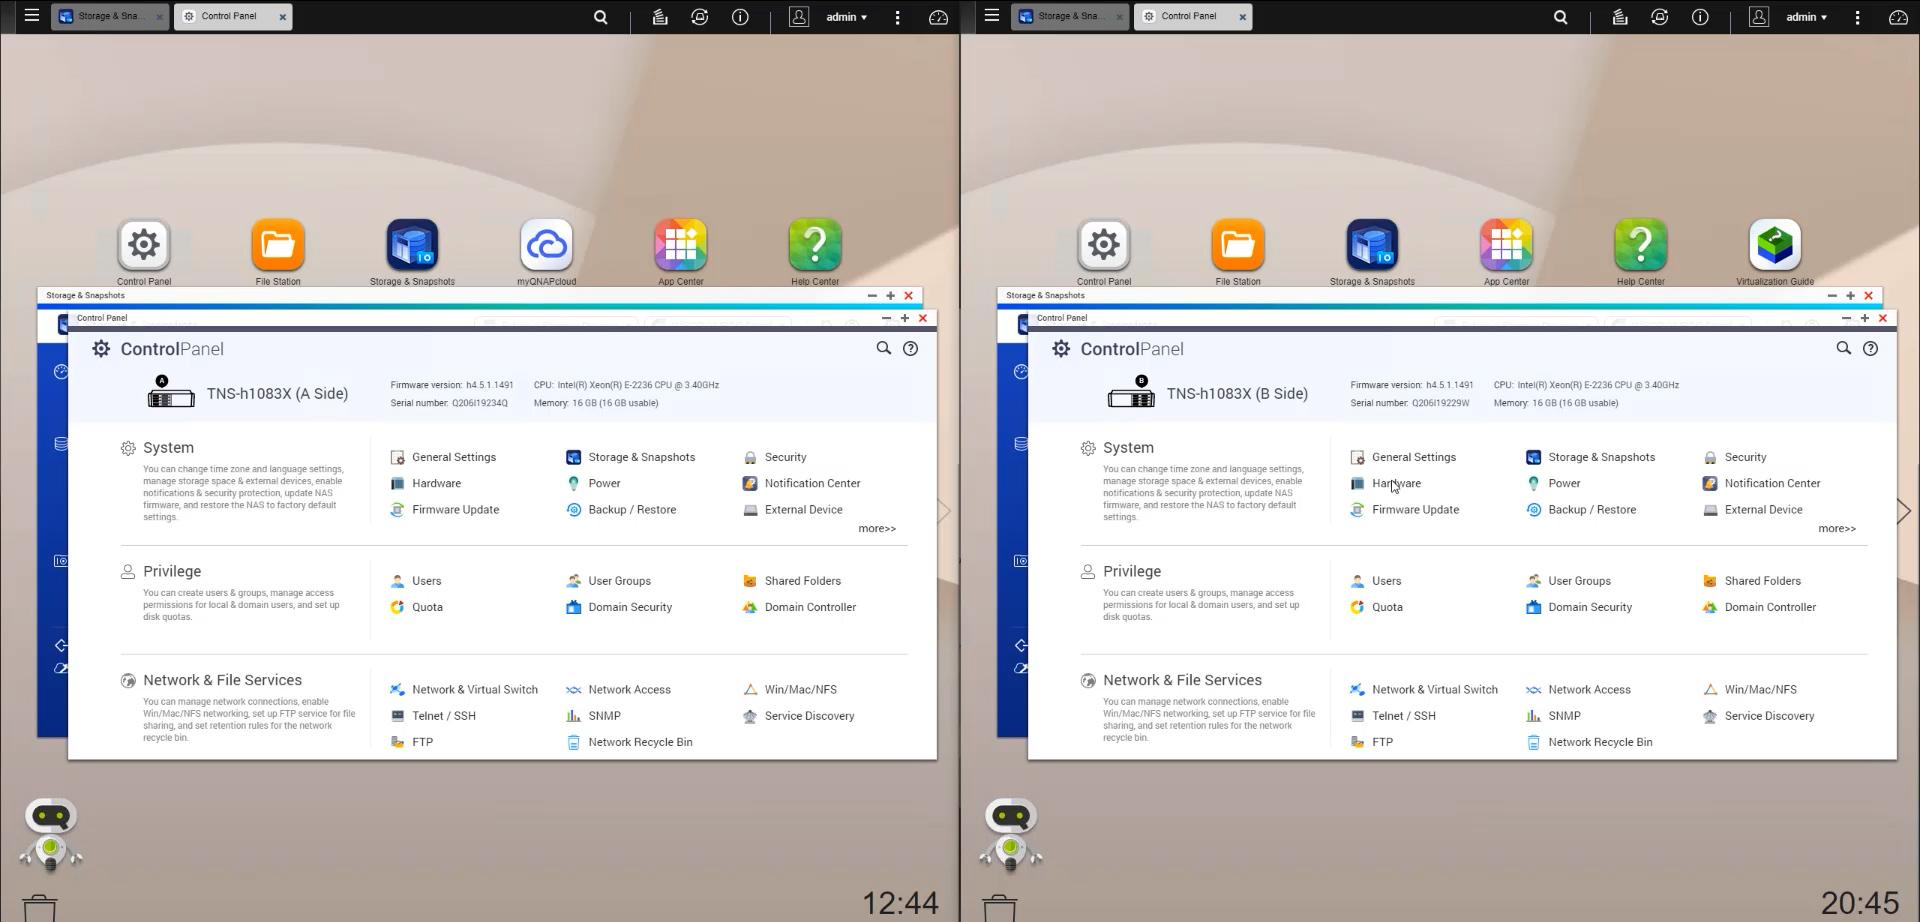 QNAP QNAP GM 1002 QuTS Hero A And B Side Control Panel